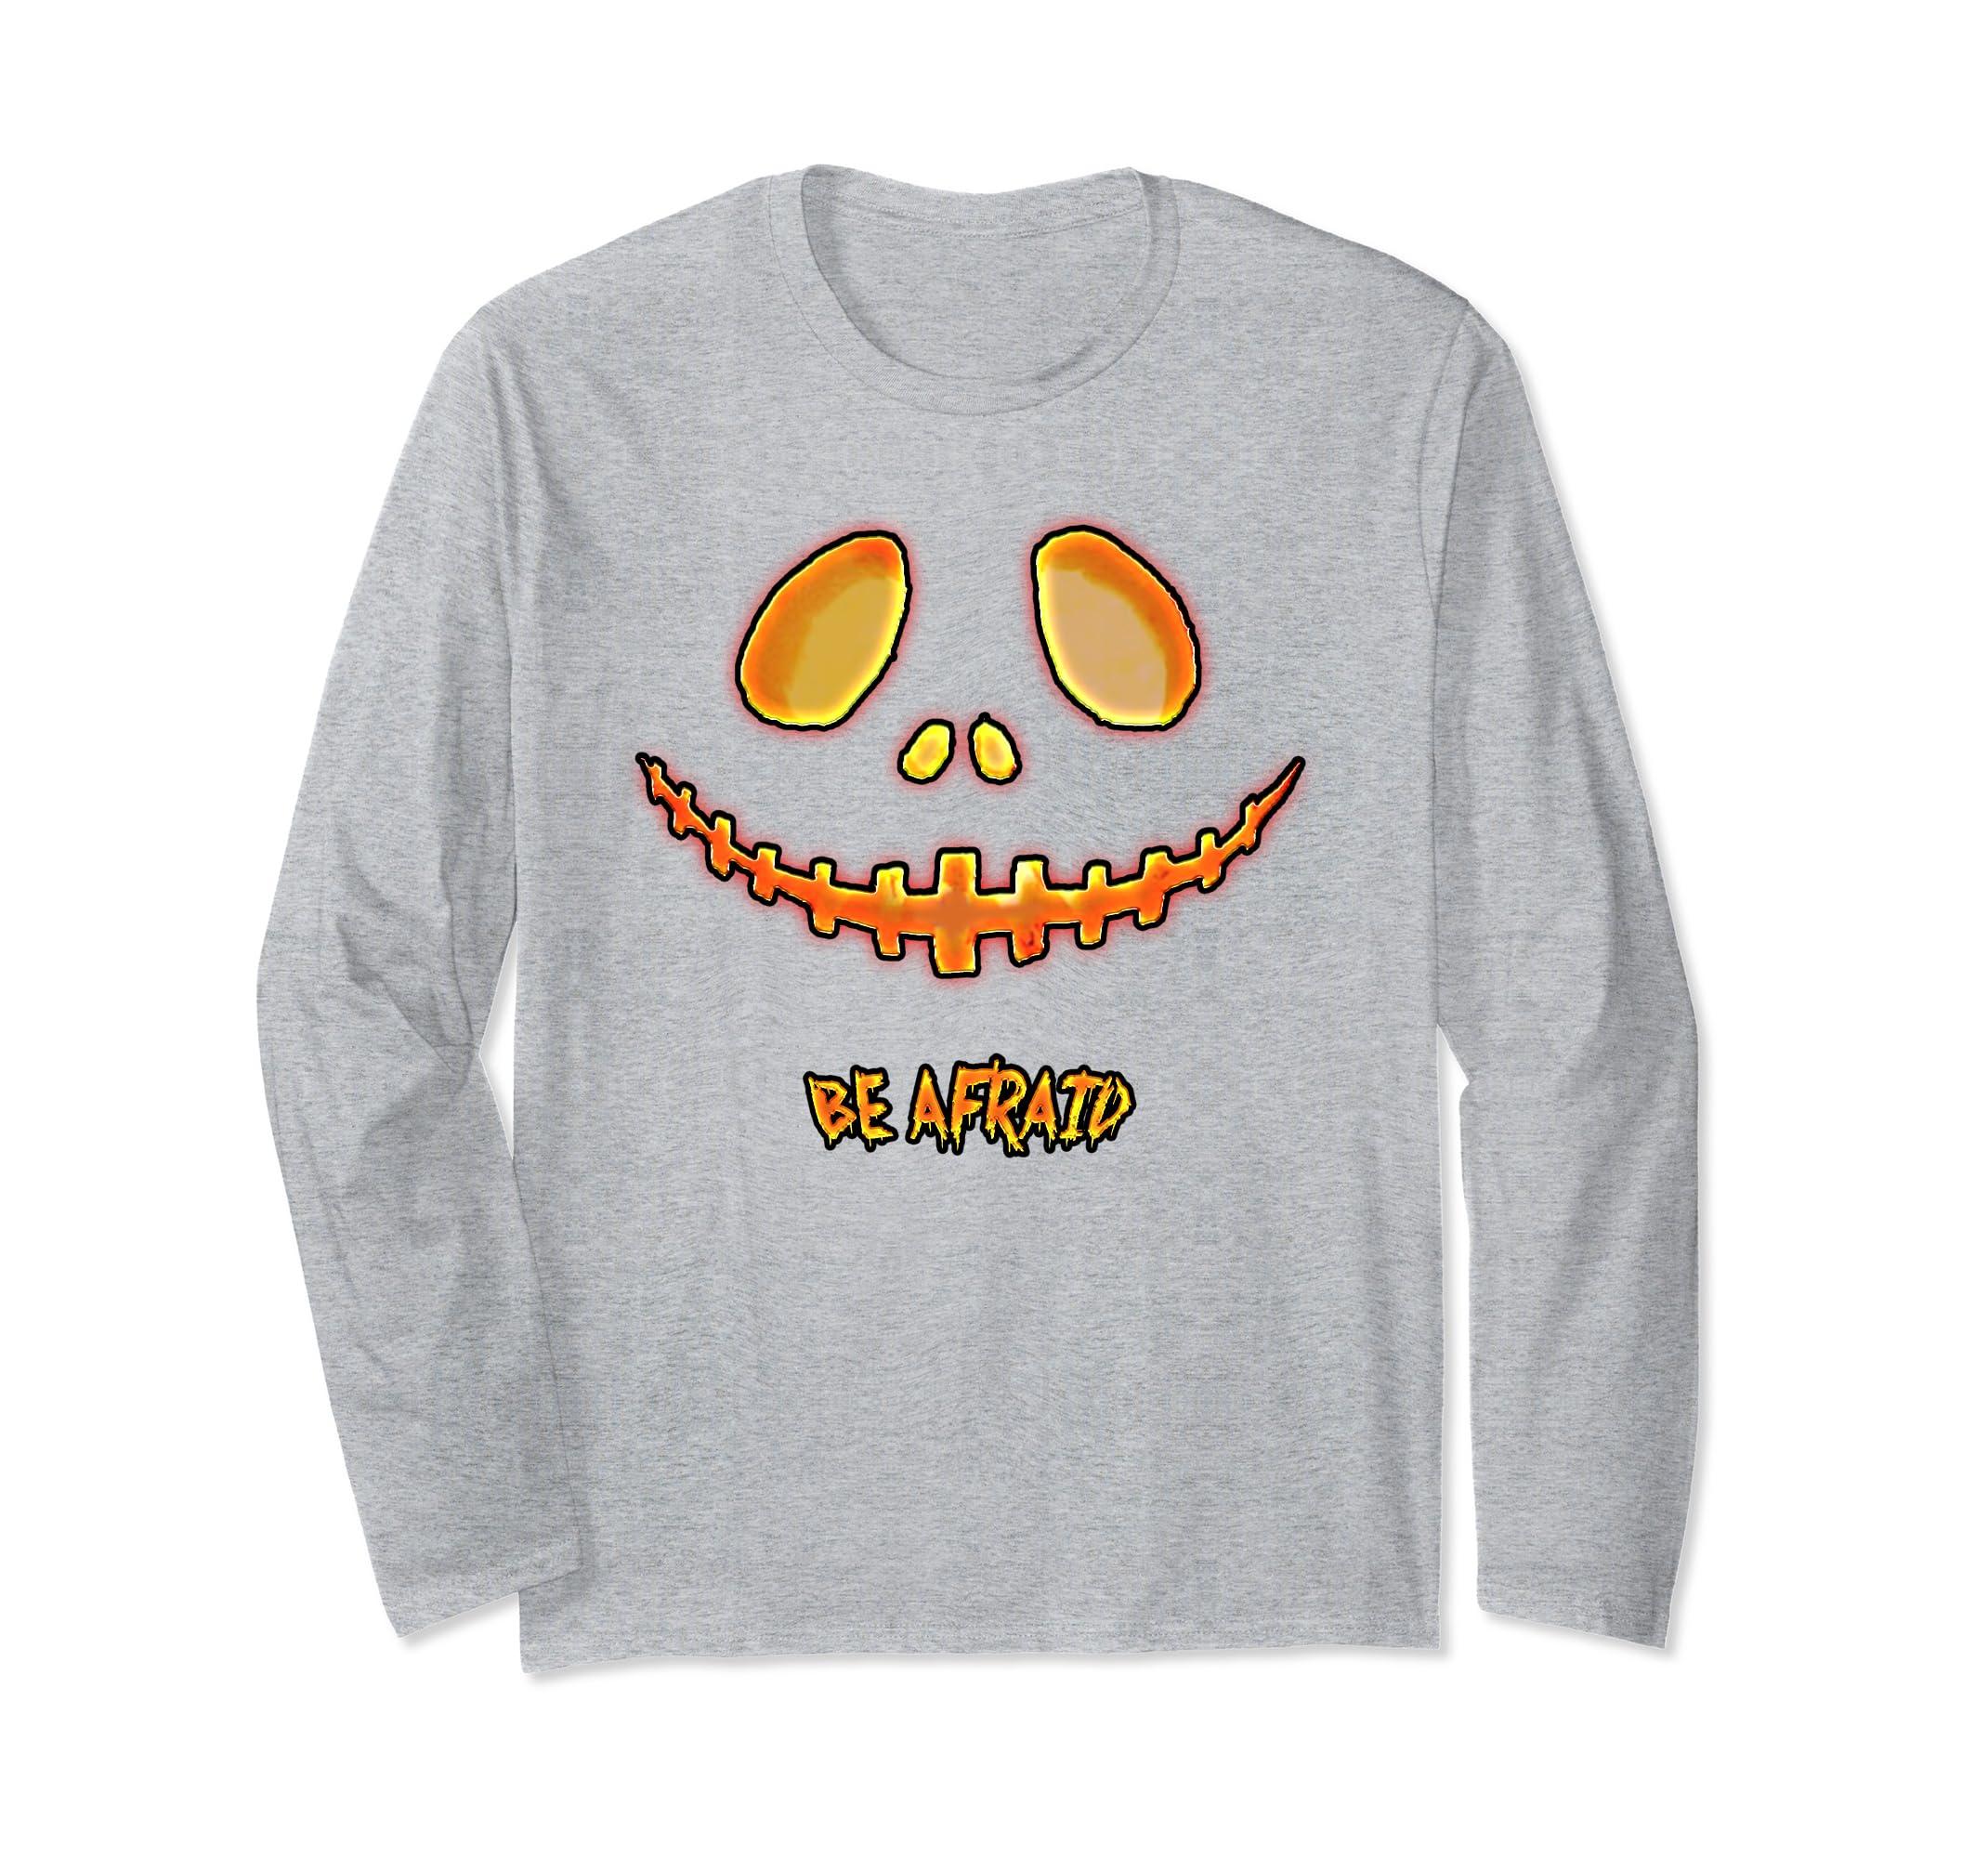 Be afraid Halloween long sleeve pumpkin t-shirt - men, women-Rose